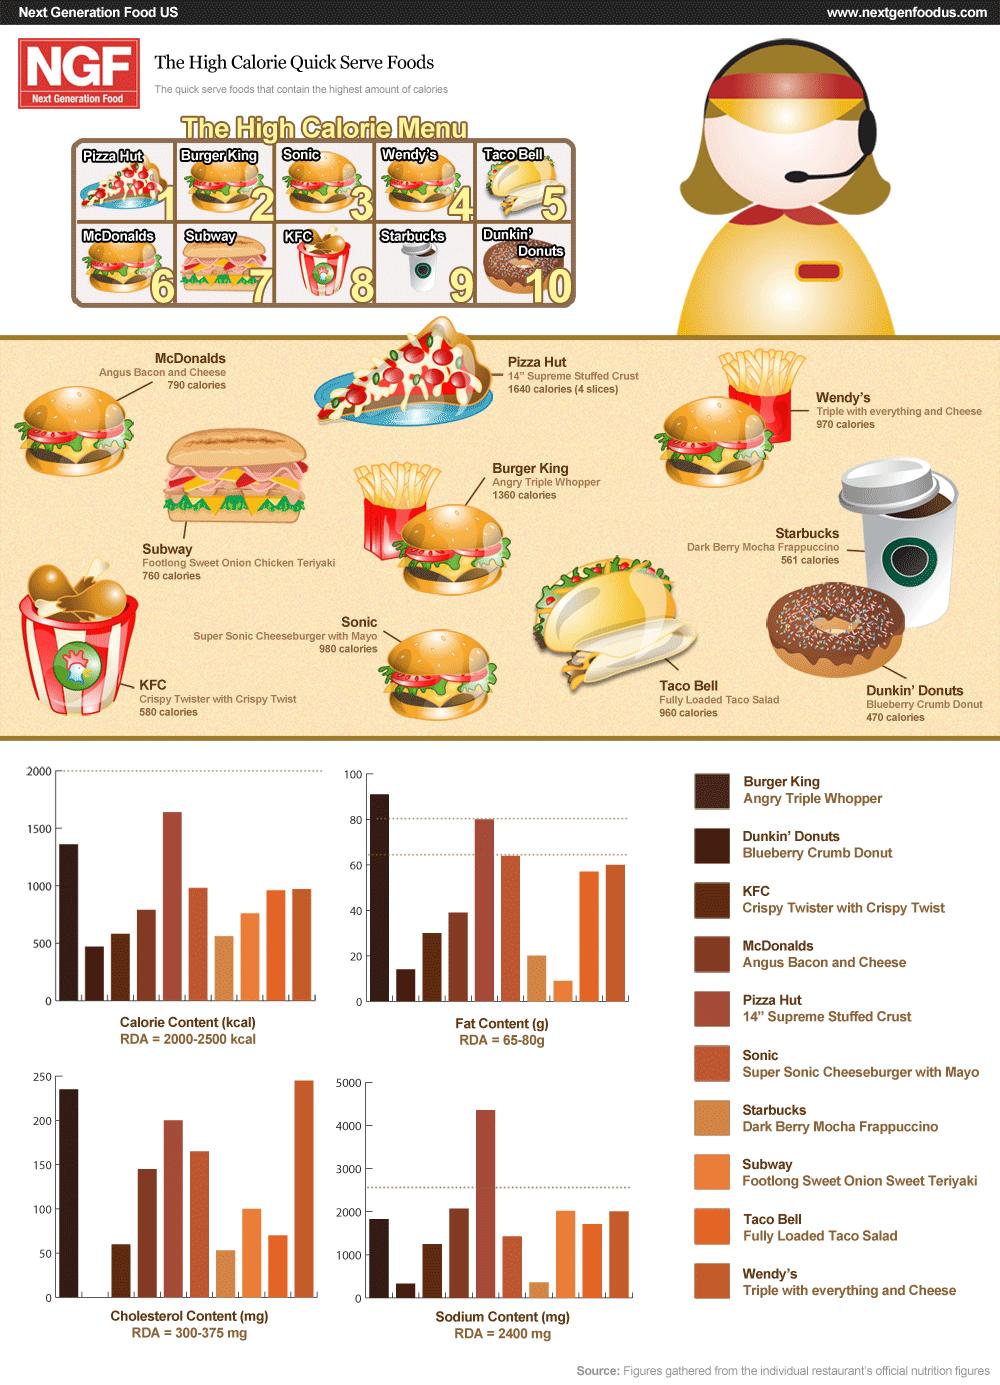 090812-NGFoodUS-FoodAssassi